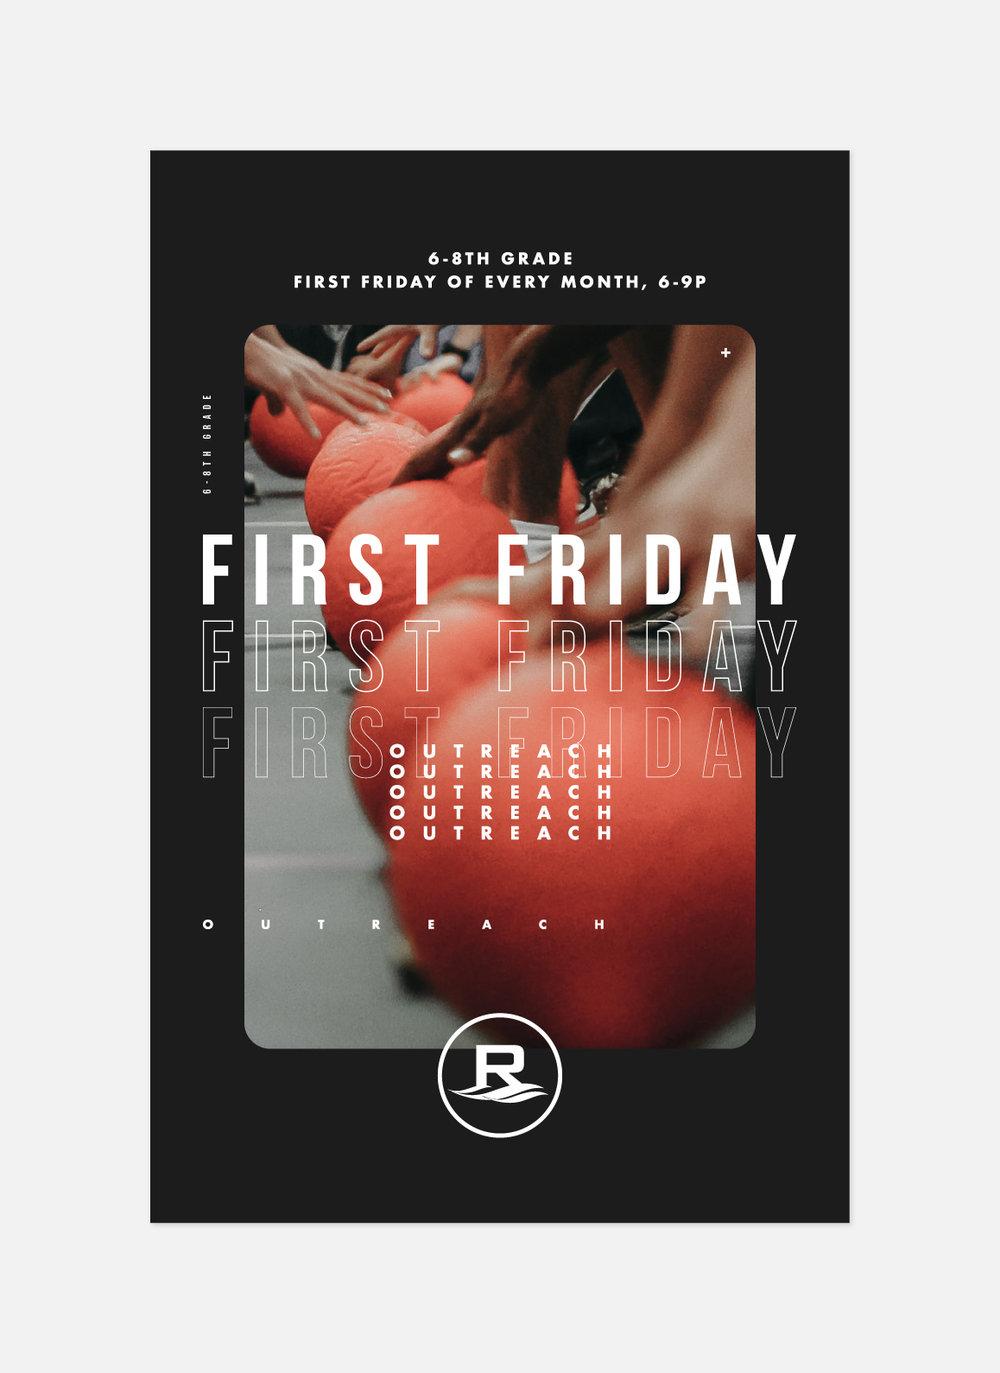 FirstFriOutreach_Poster.jpg